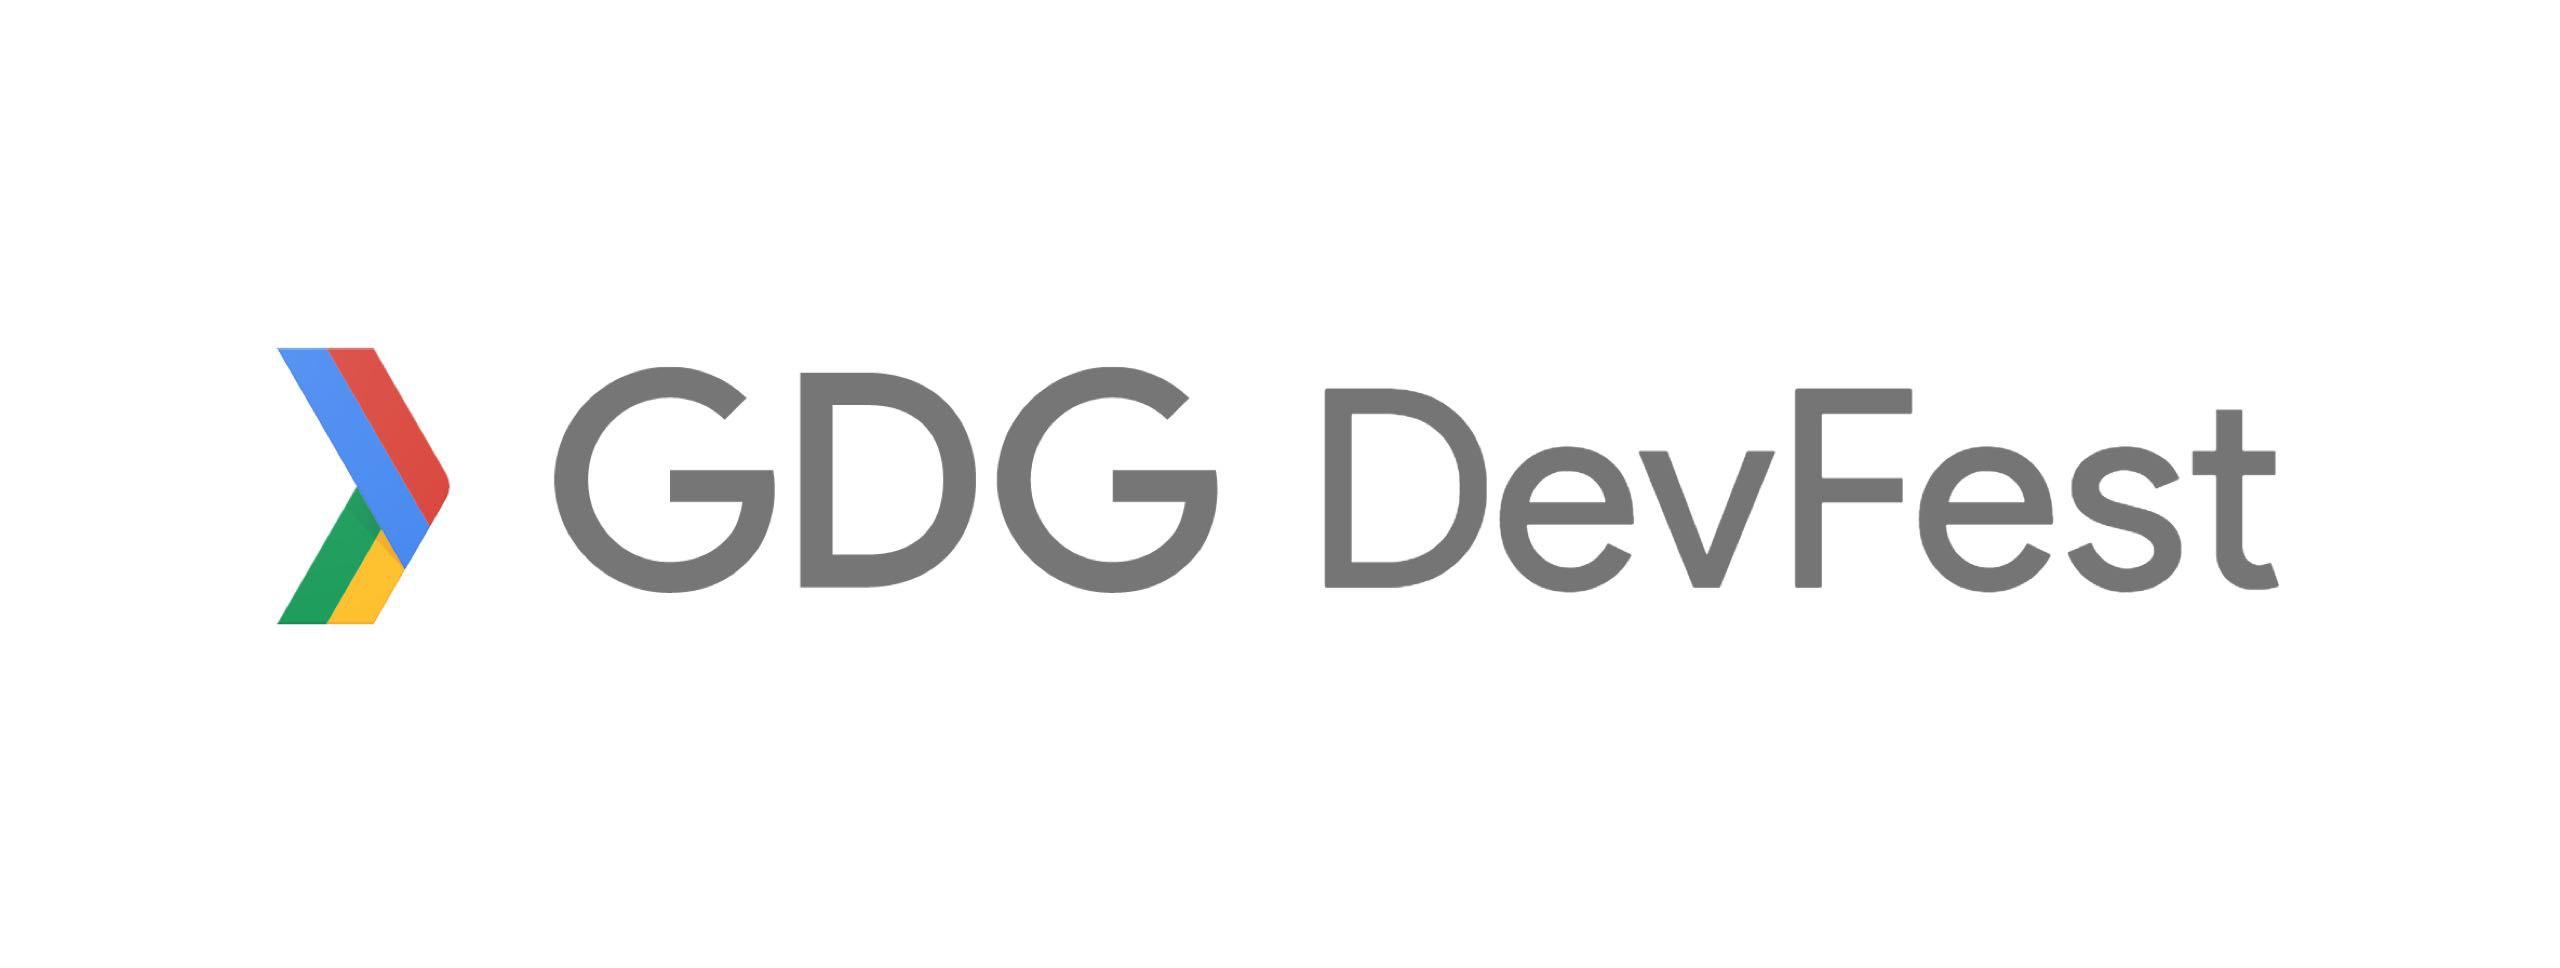 https://gdgcordoba.github.io/devfest/src/img/devfest.png